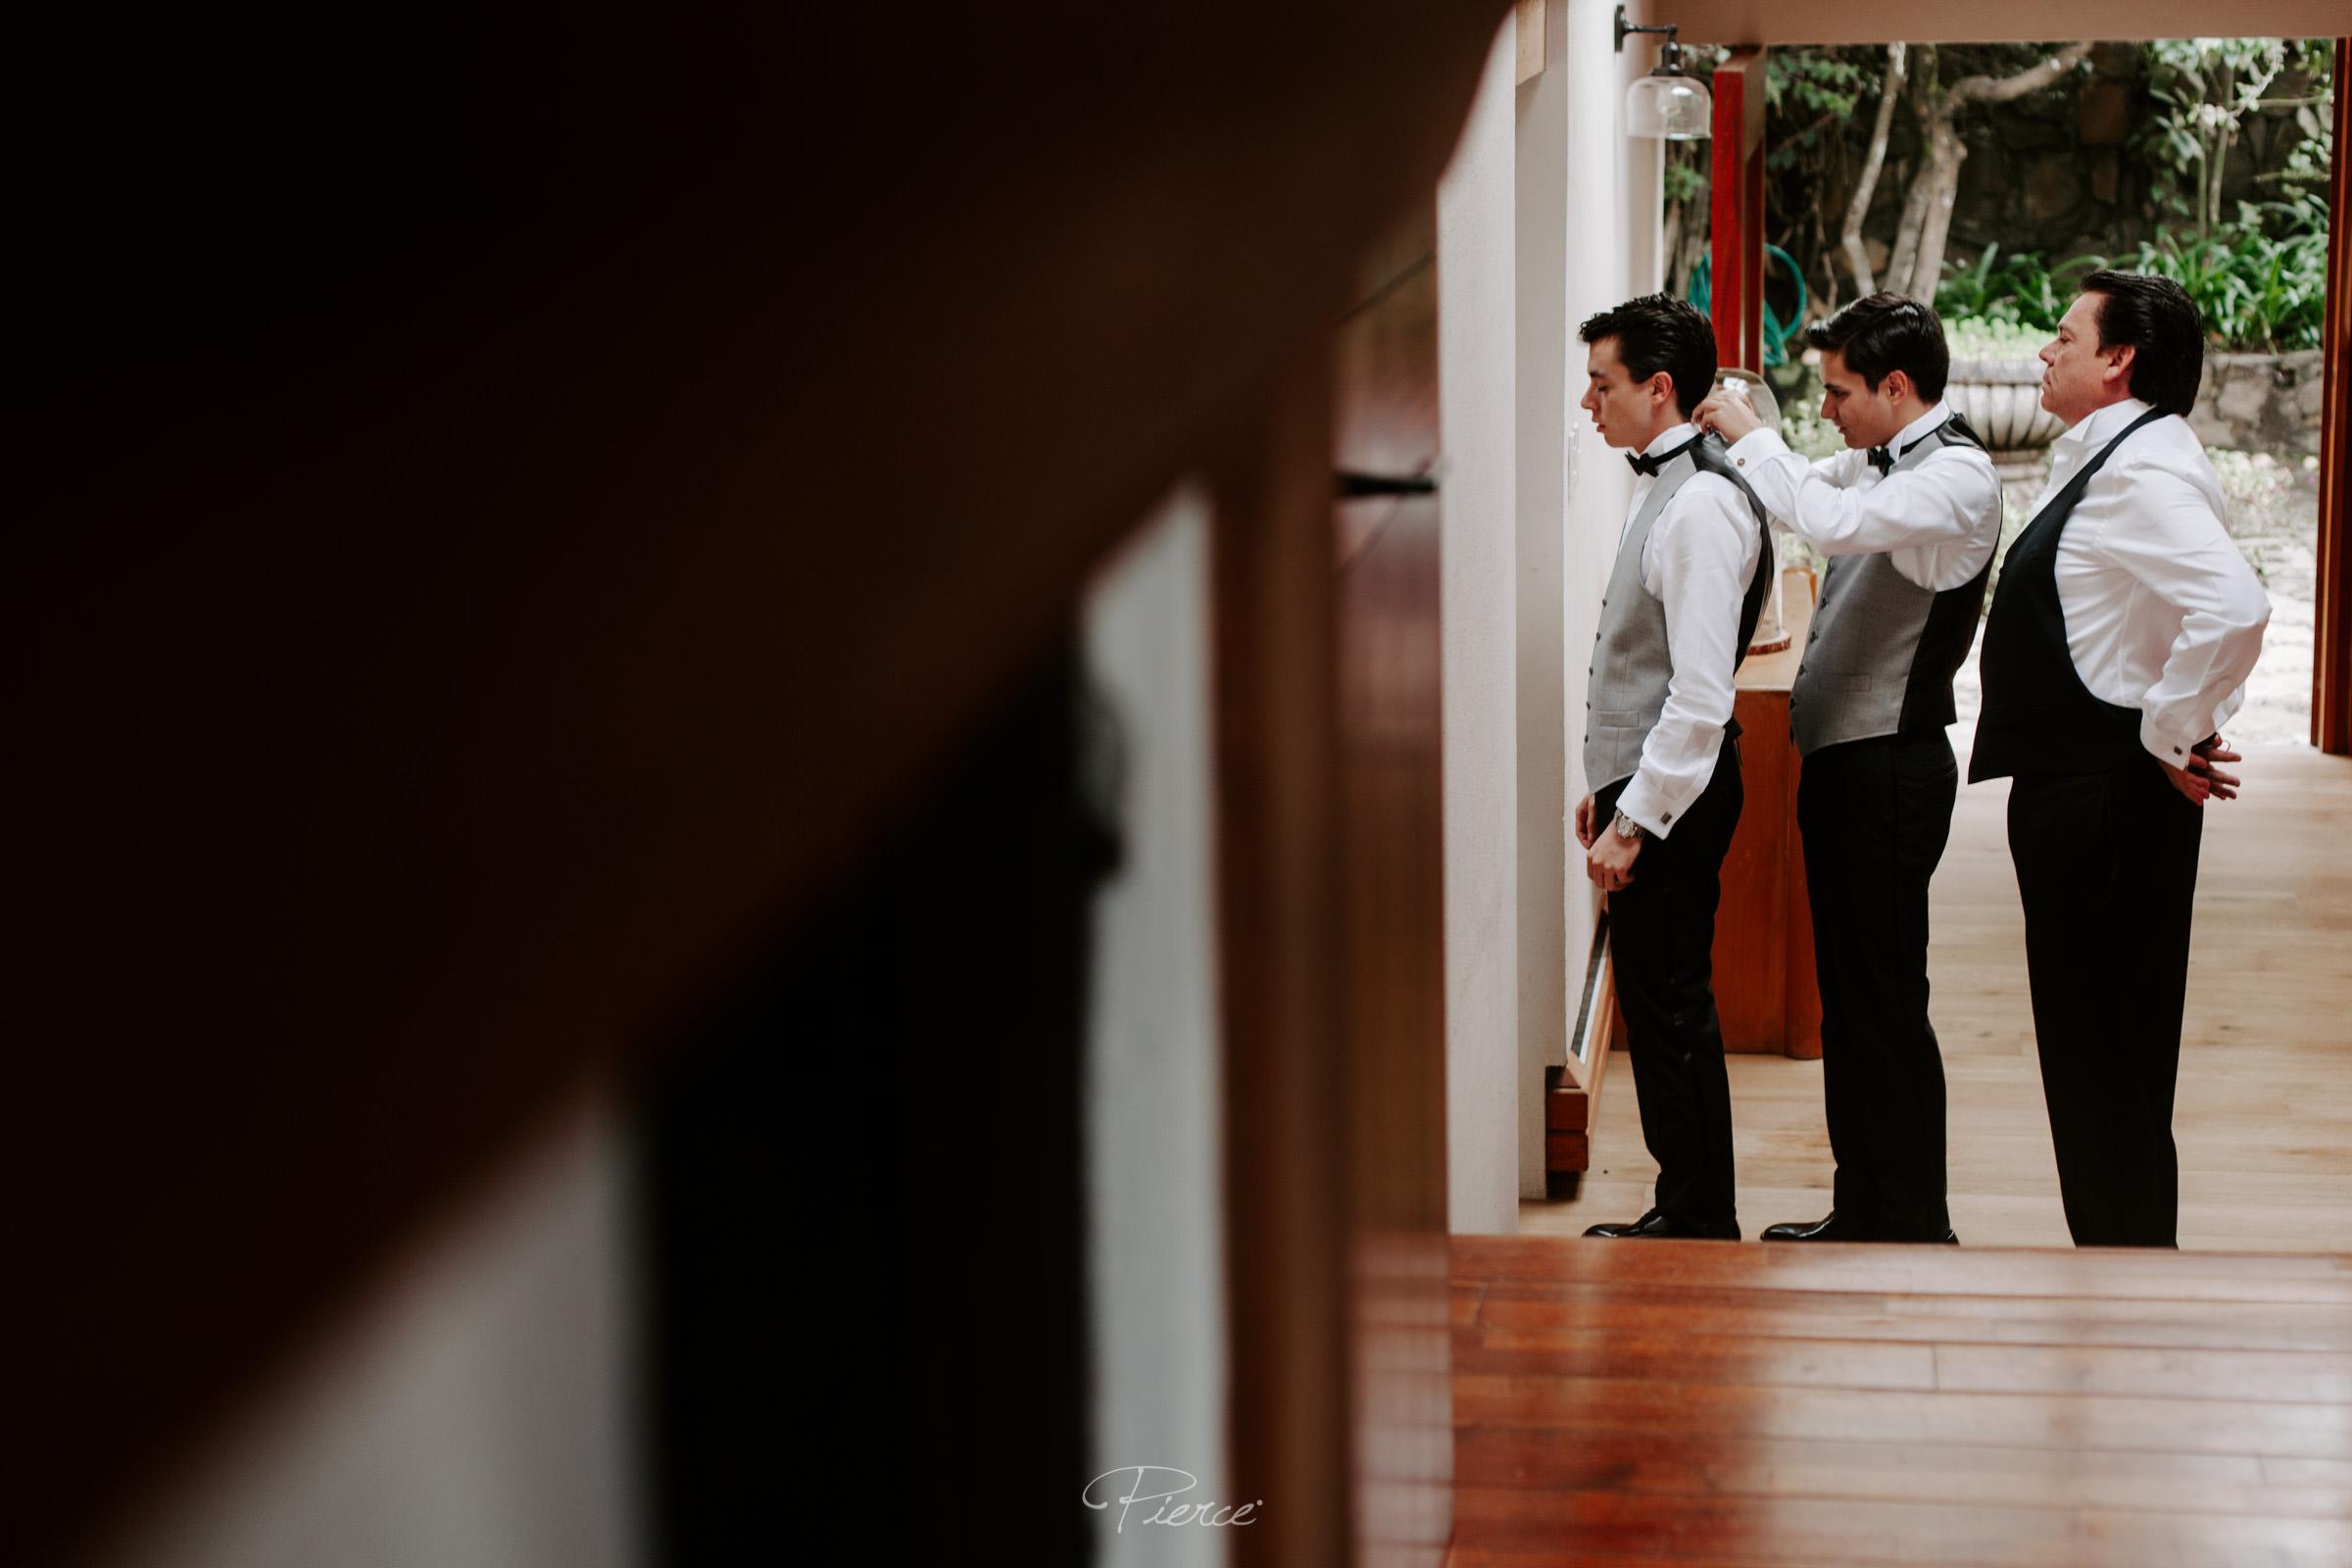 fotografia-de-boda-valle-de-bravo-mexico-rosmarino-pierce-weddings-0022.JPG